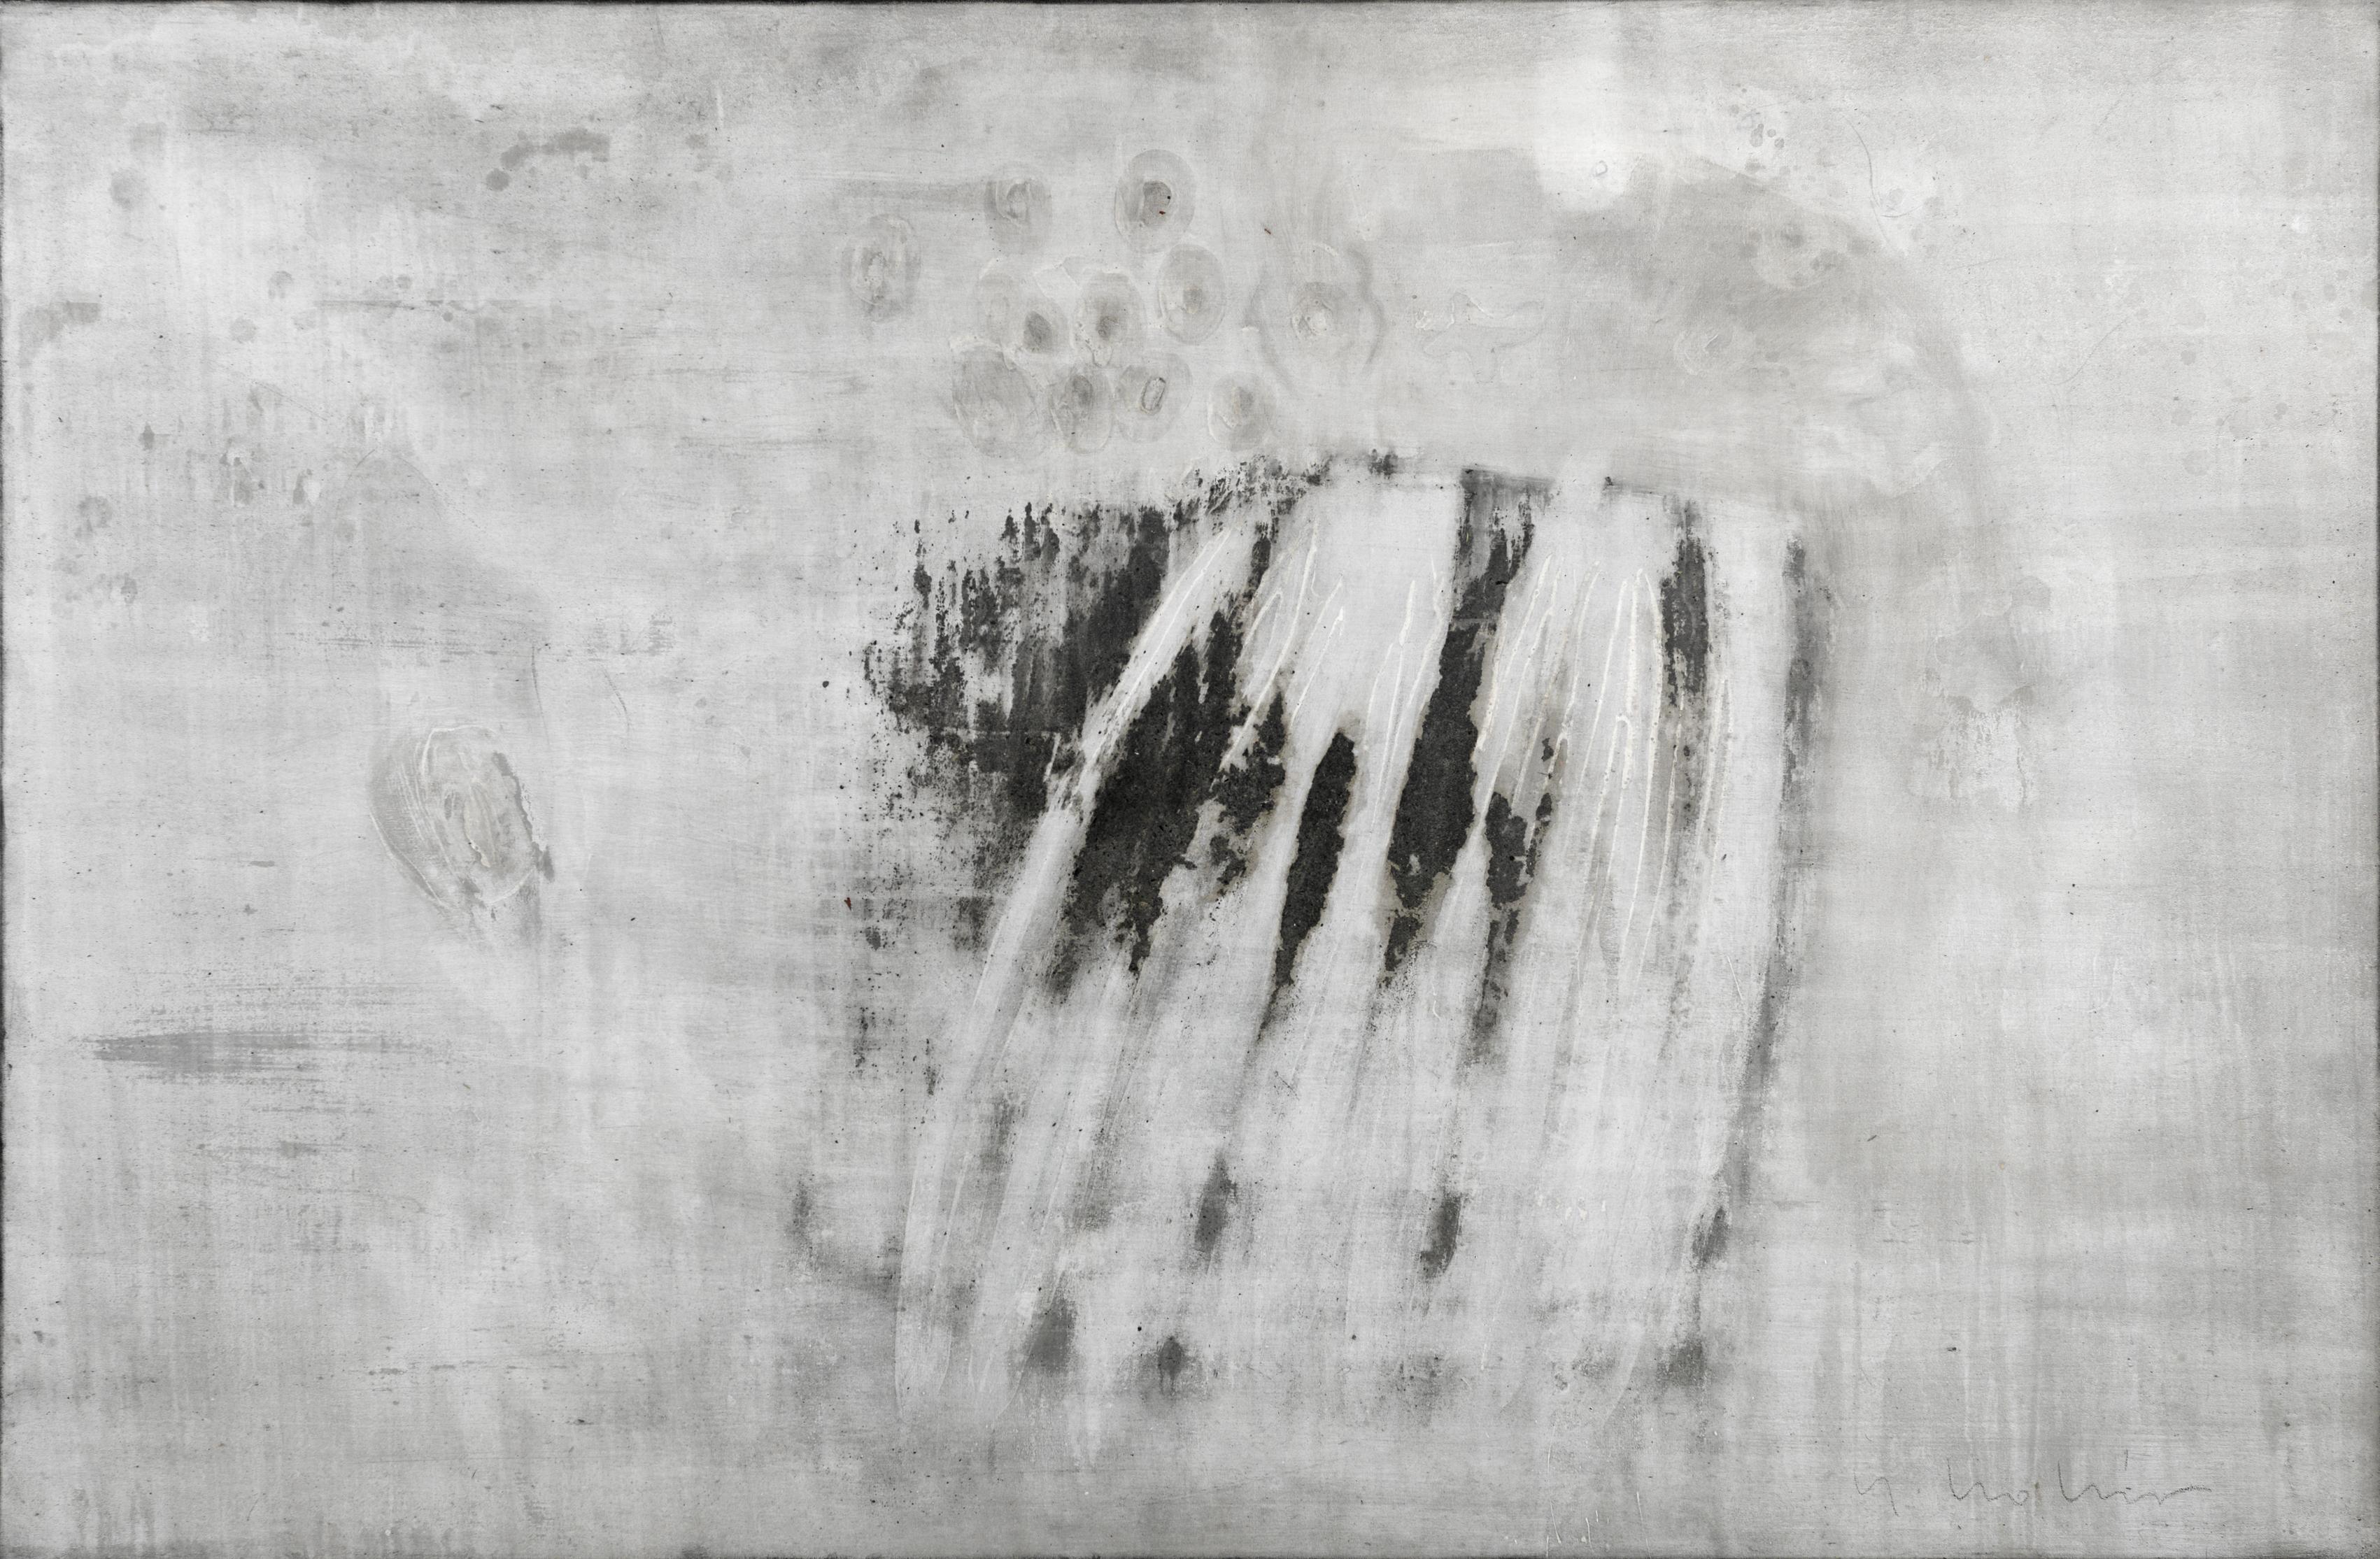 Origin of the world 1 // Asche auf Leinwand // 120 x 180 cm // 2015